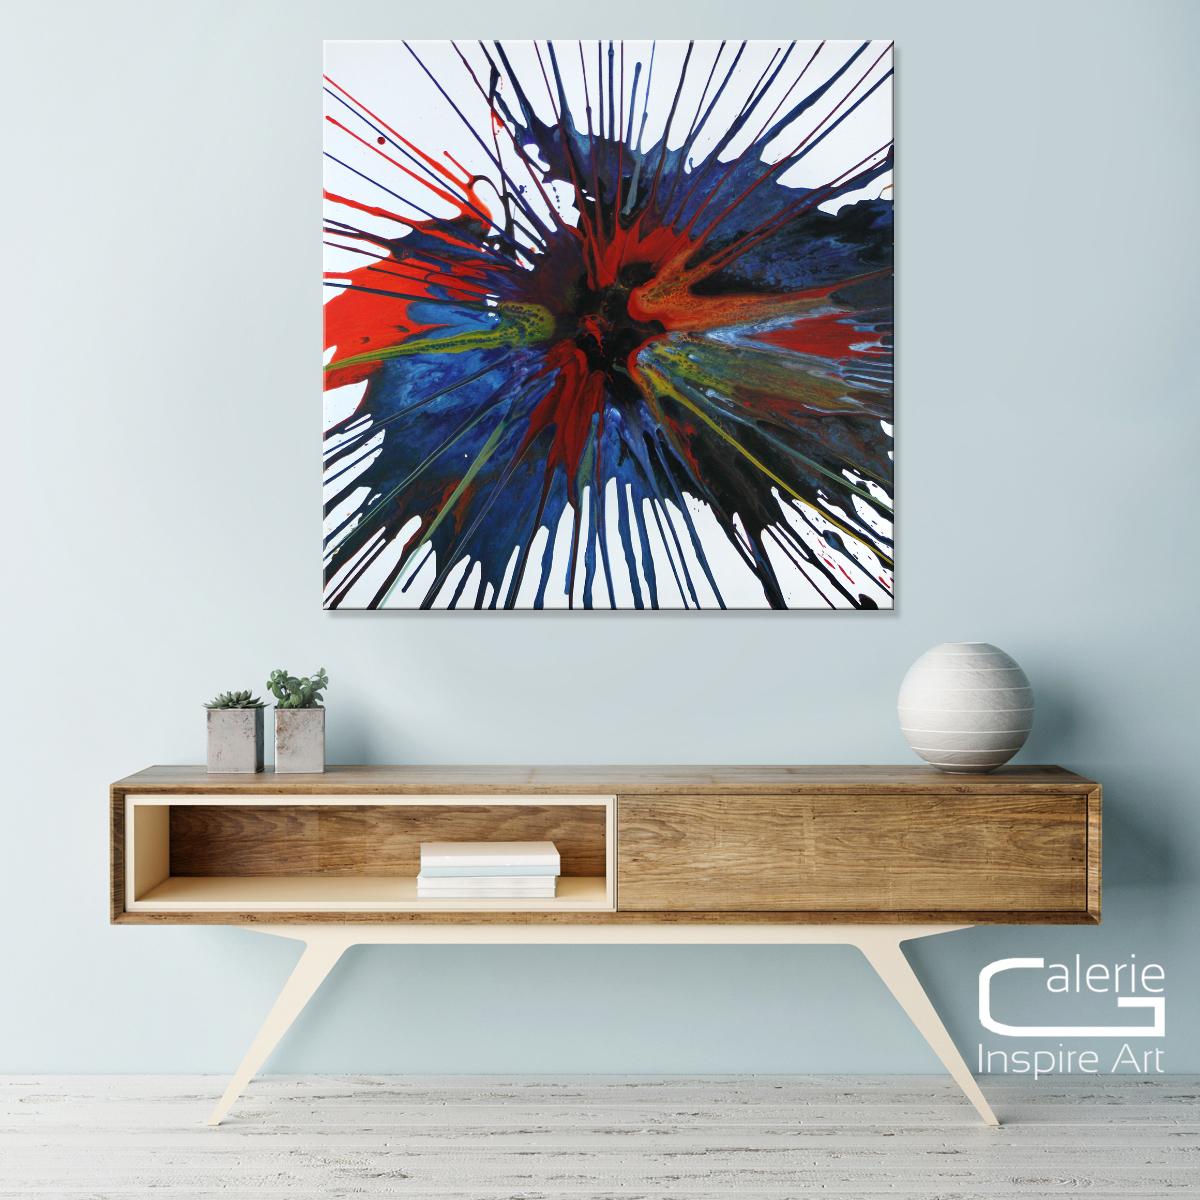 abstrakte kunst kaufen excalibur gem lde acrylkunst online galerie galerie inspire art. Black Bedroom Furniture Sets. Home Design Ideas